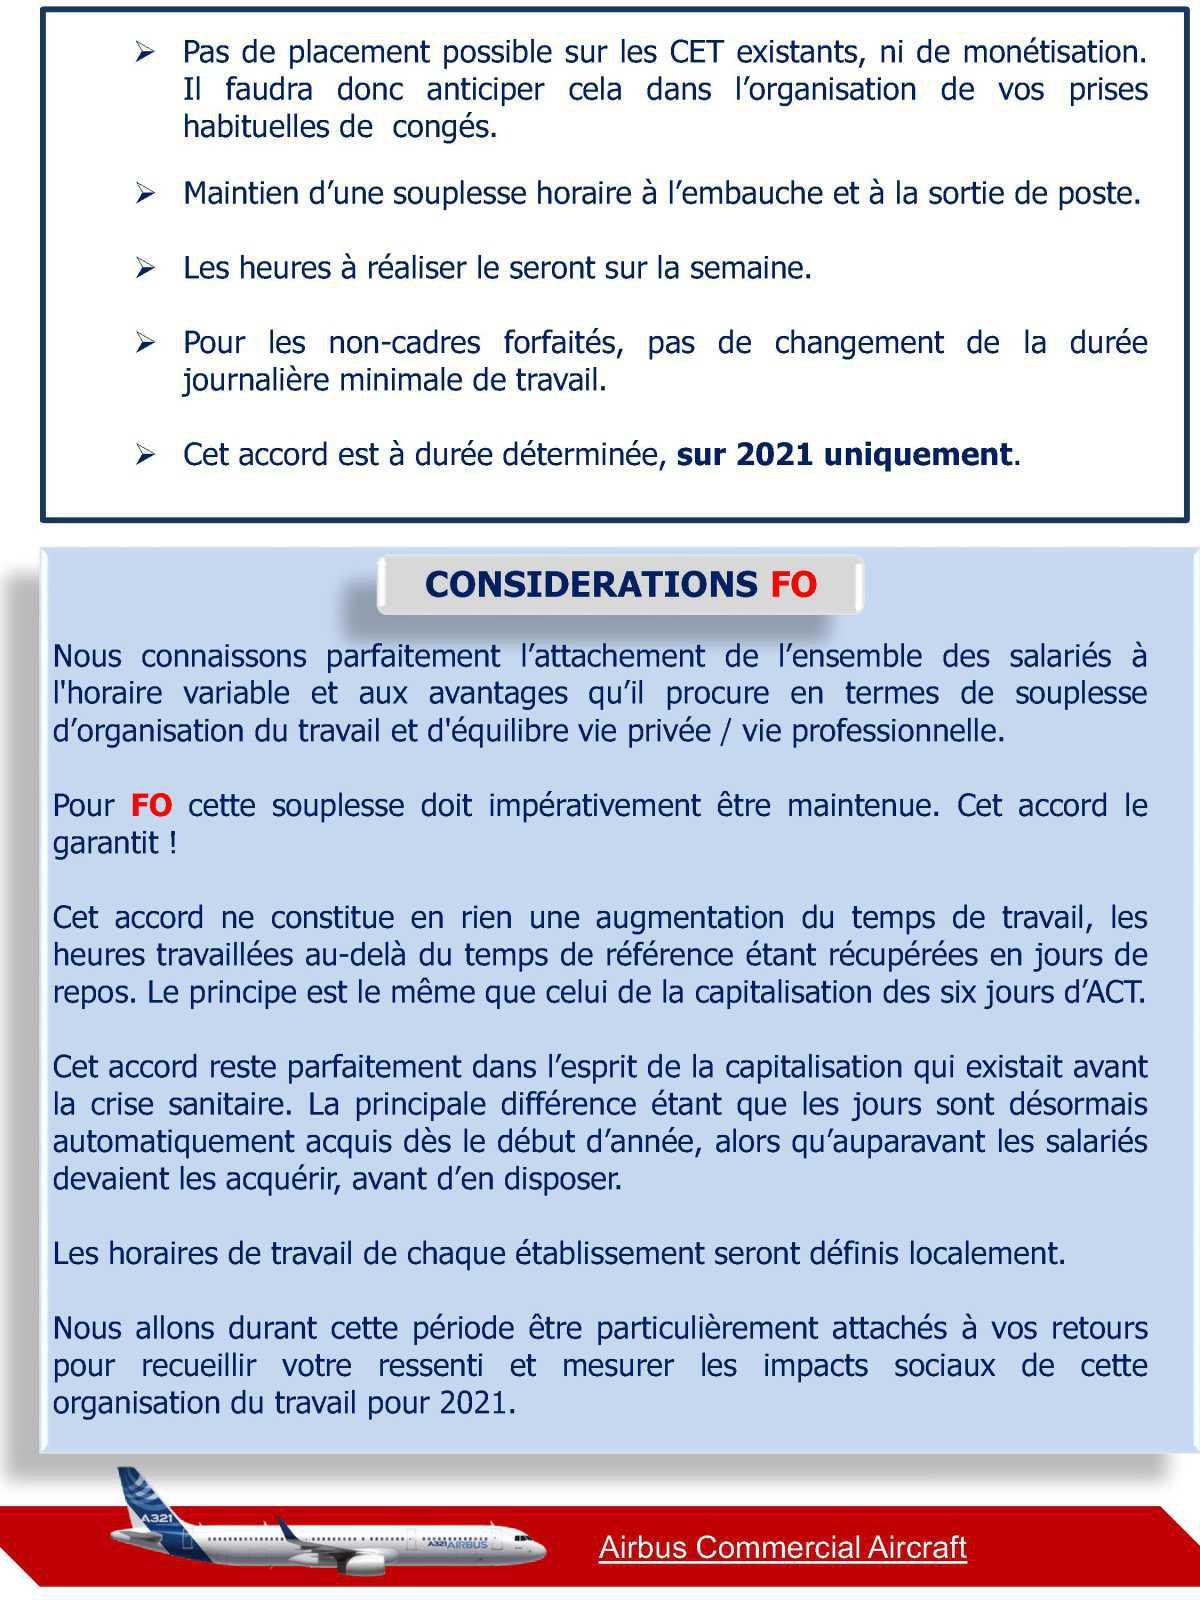 FO signe l'accord sur les modalités d'organisation du travail des salariés hors APLD